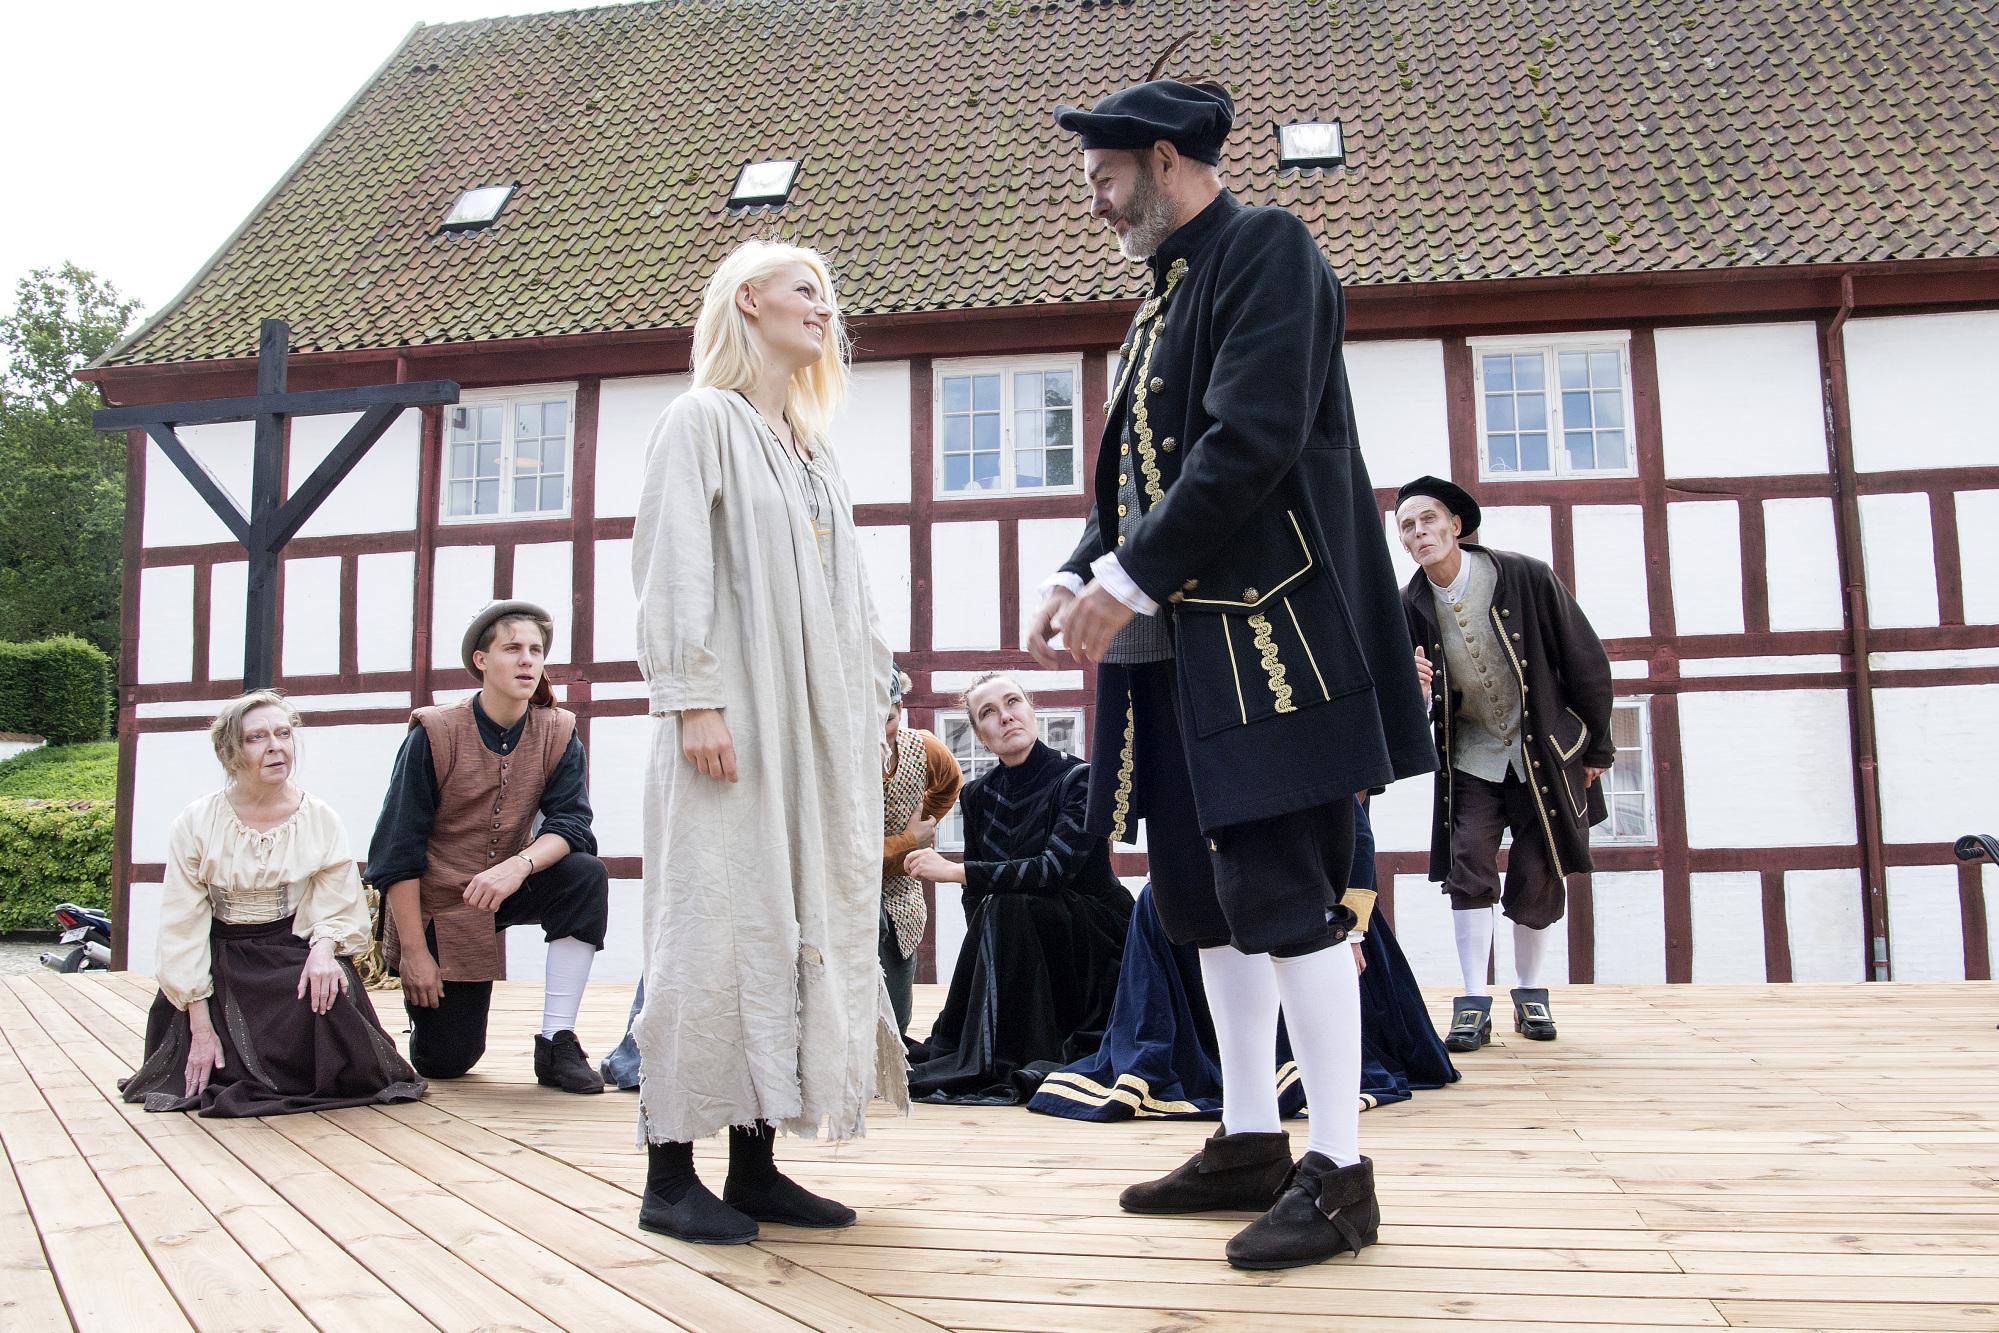 Det skal du se: Slotsteater genopliver Aalborgs historie